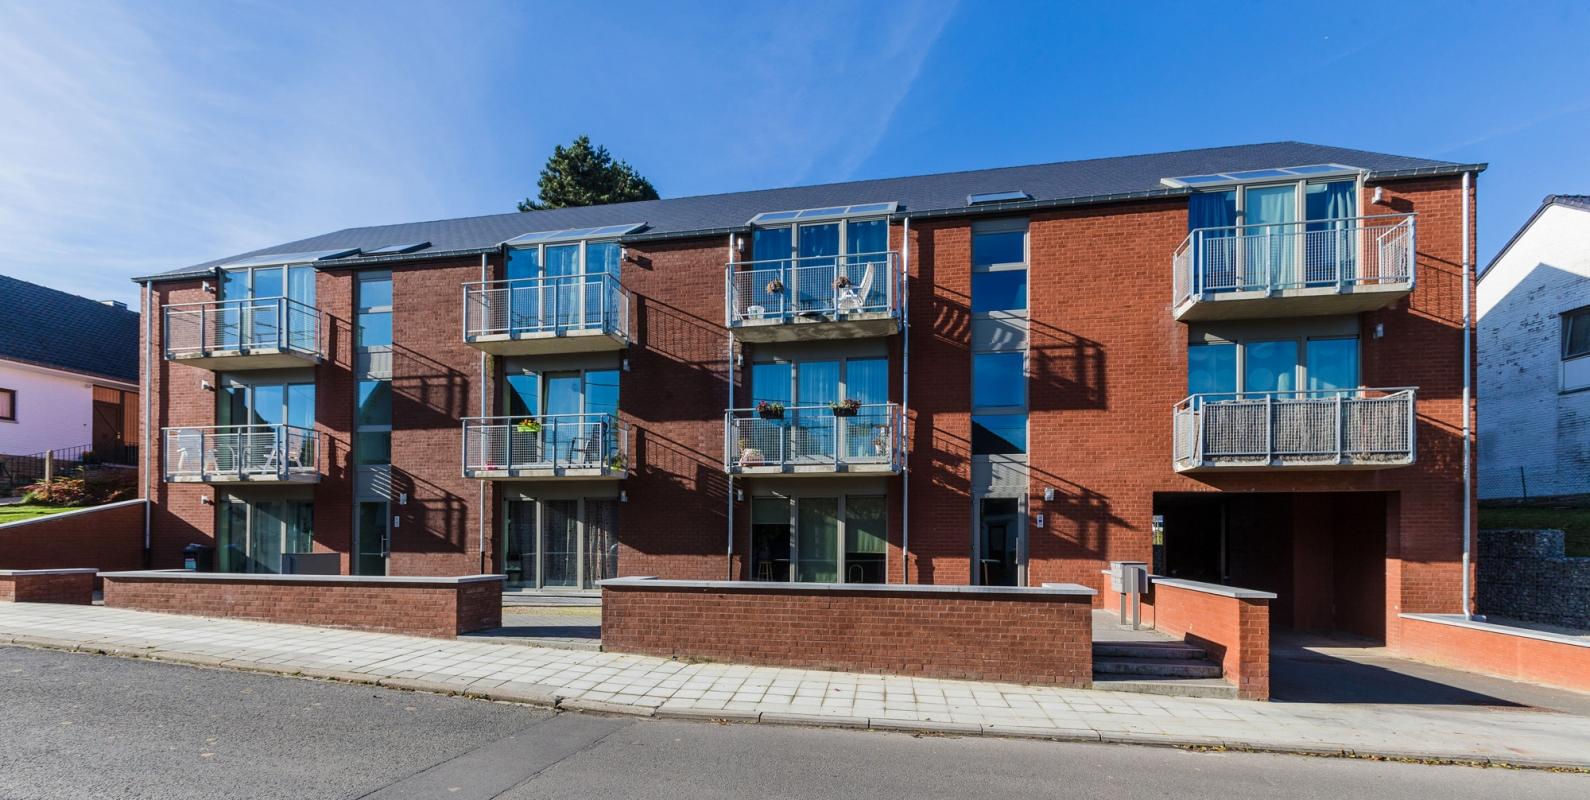 T.PALM - Investir dans un immeuble à appartements